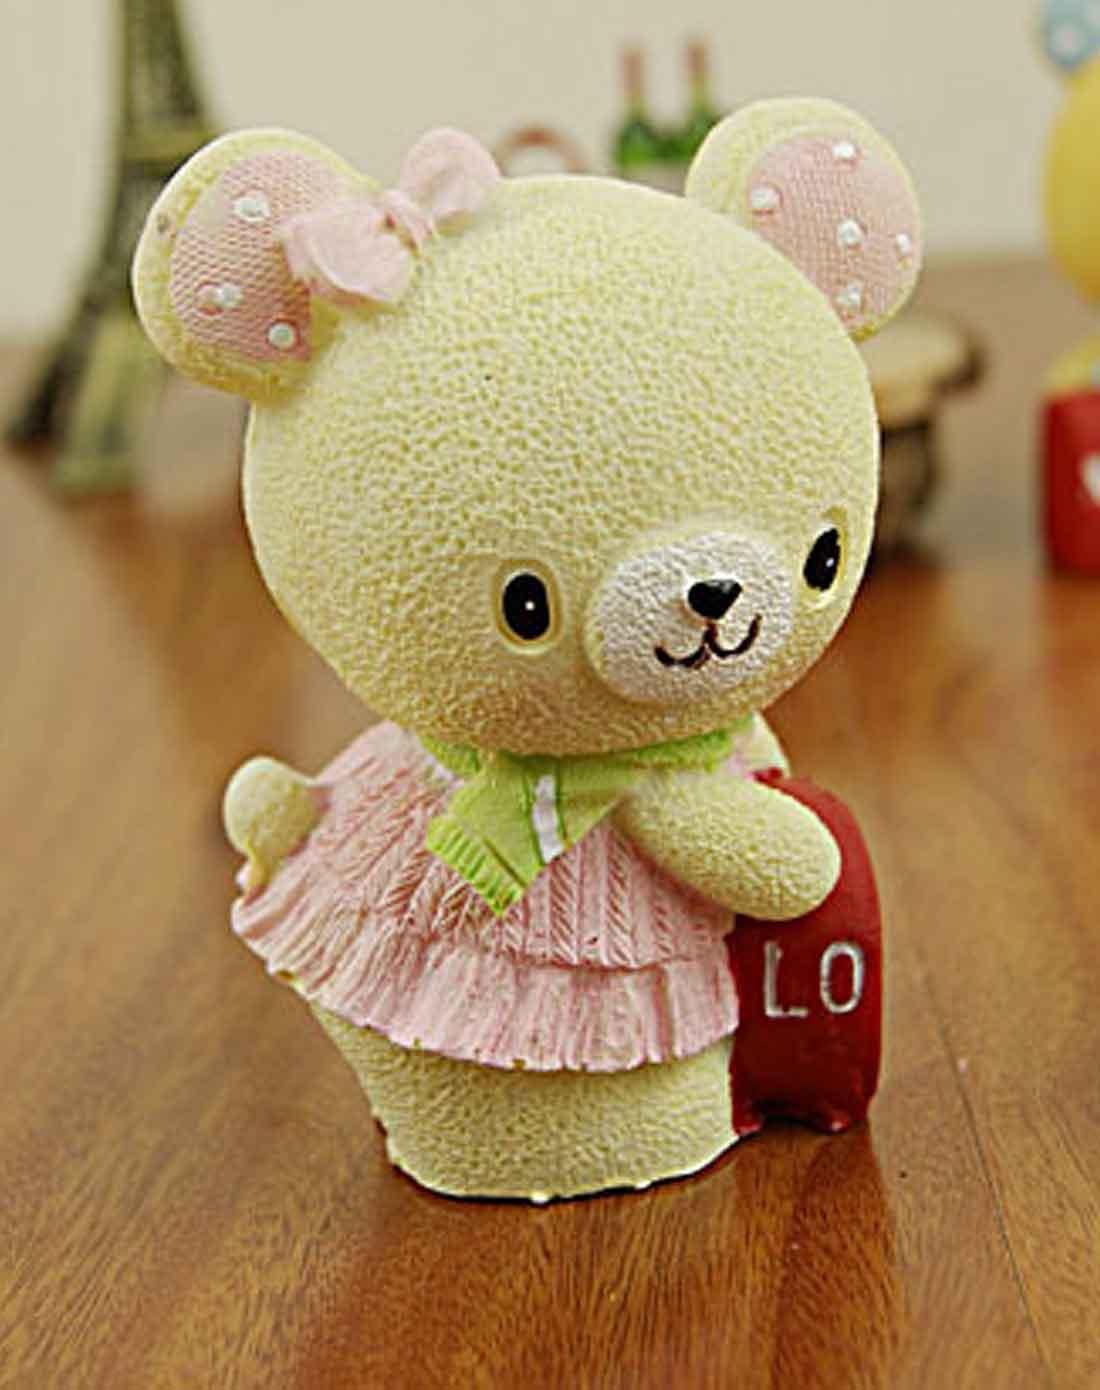 > 情侣爱心树脂小熊摆件